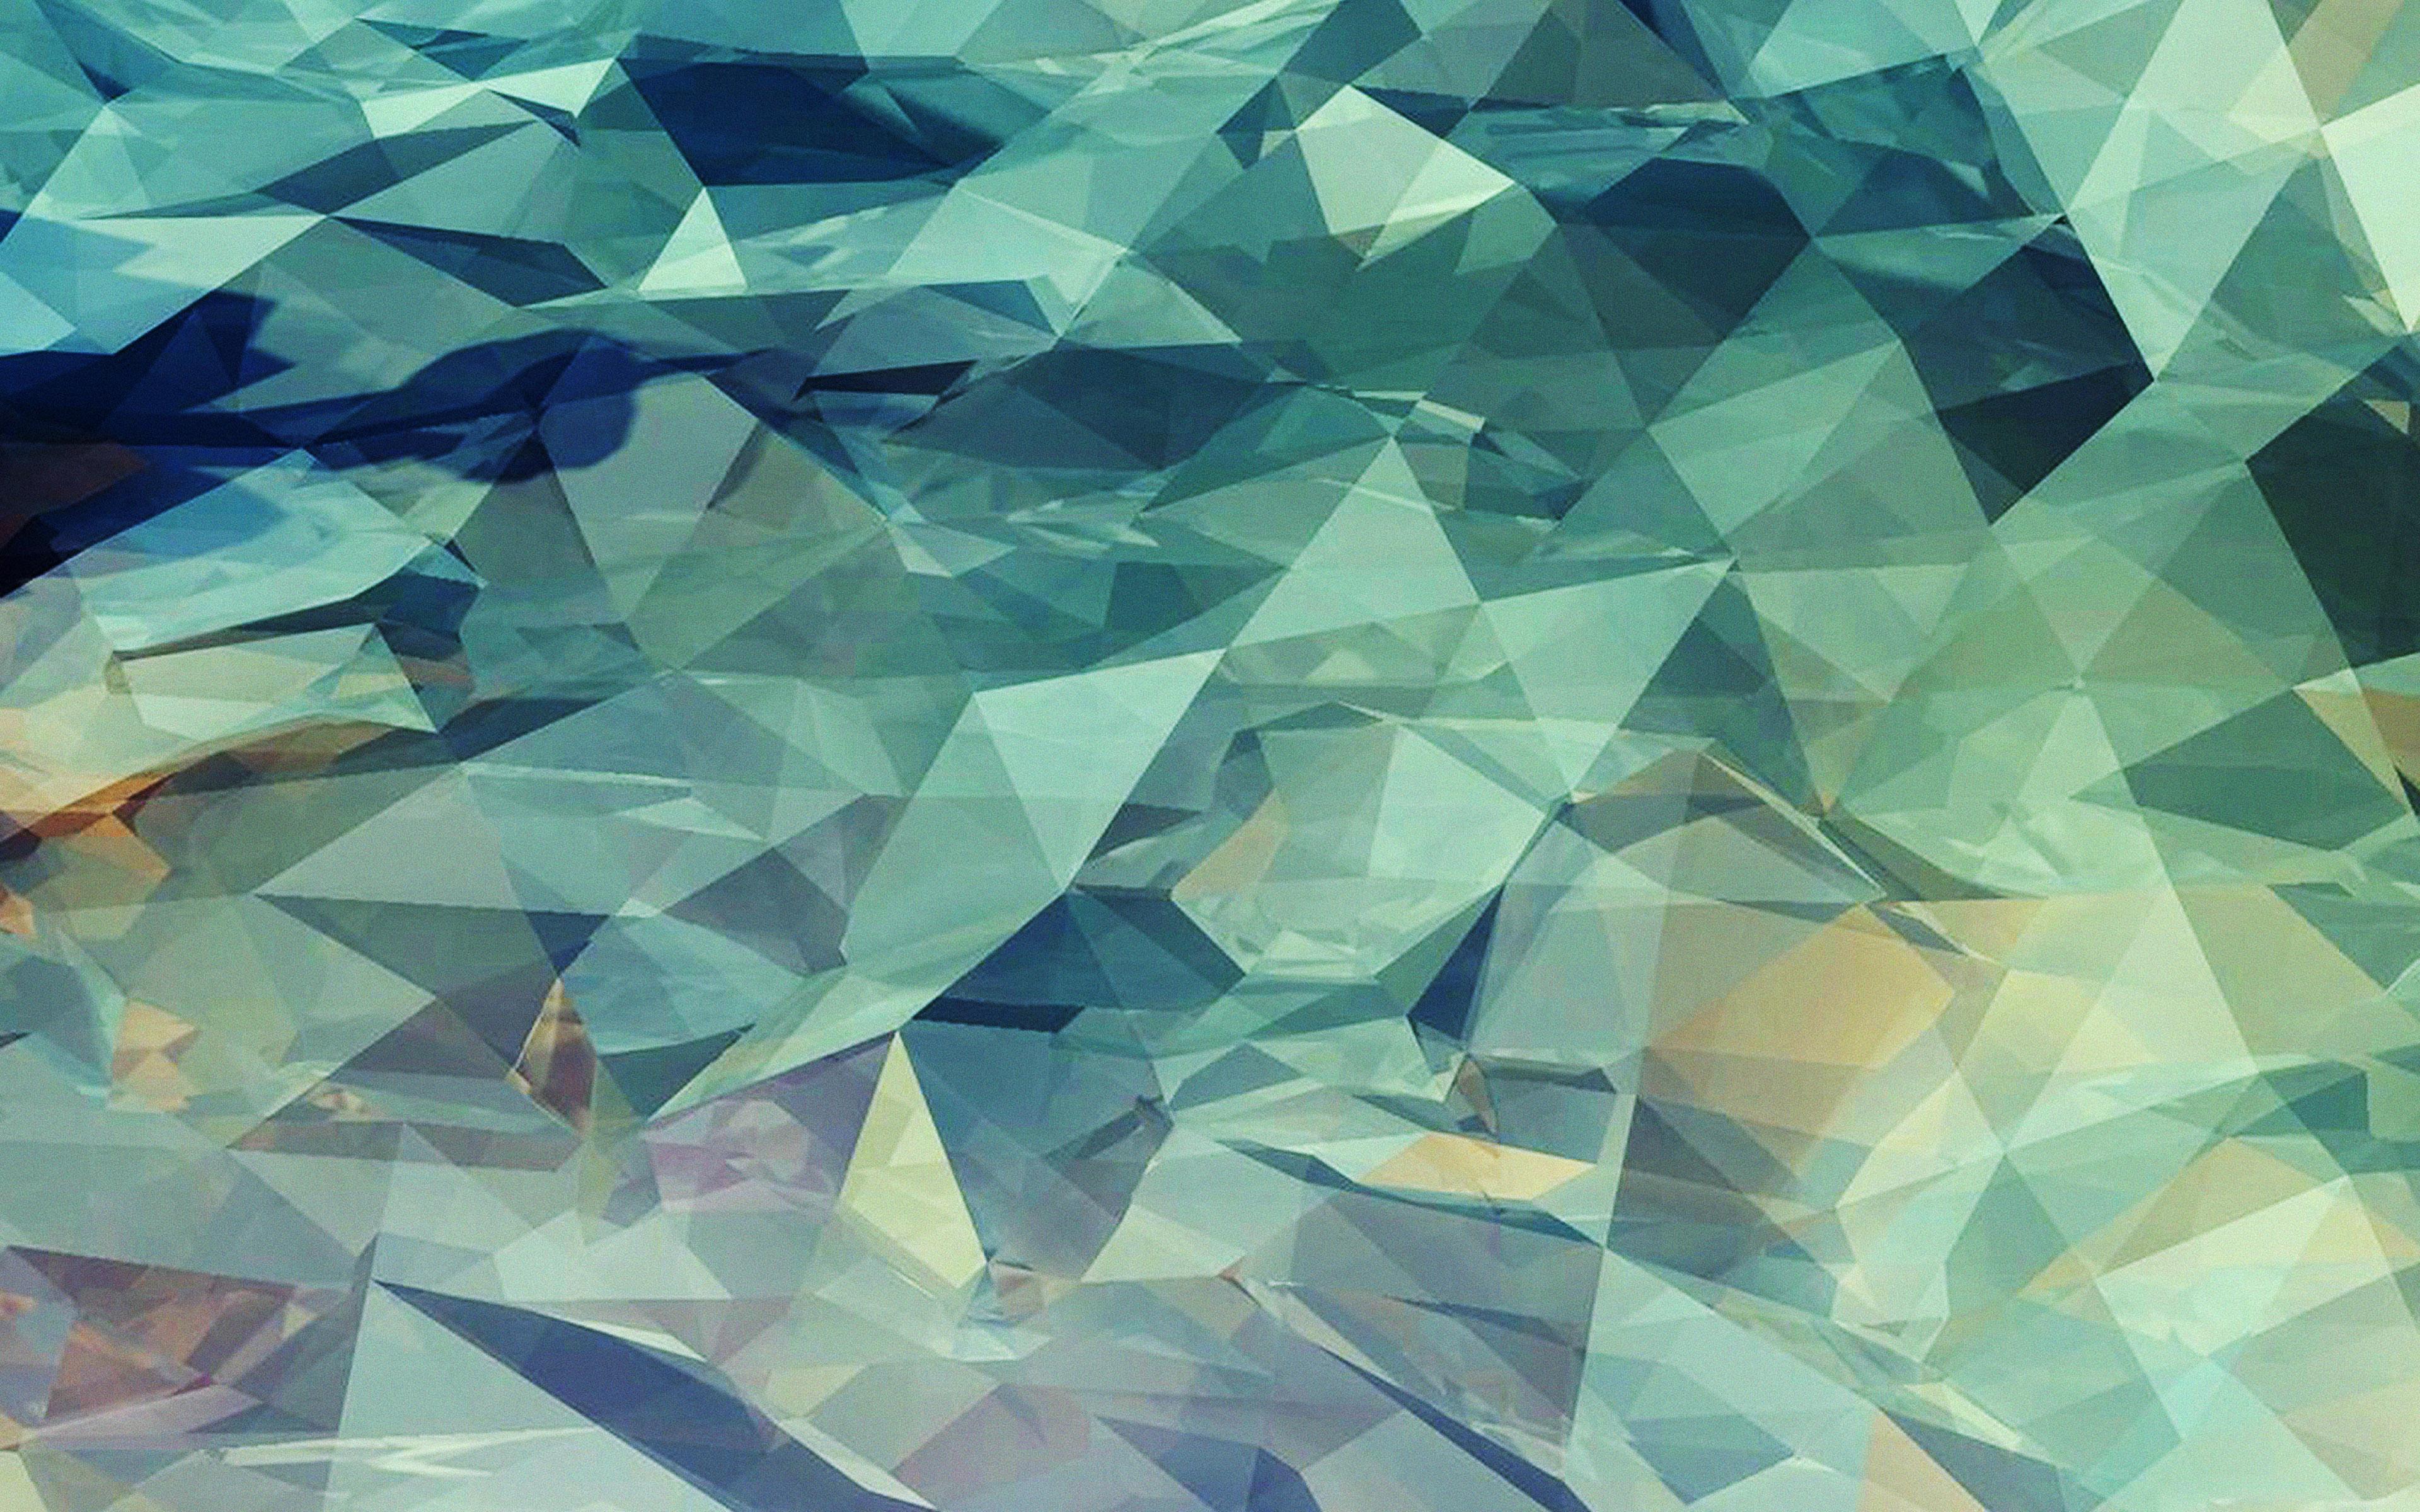 vc05-ocean-in-line-art-pattern-art-wallpaper